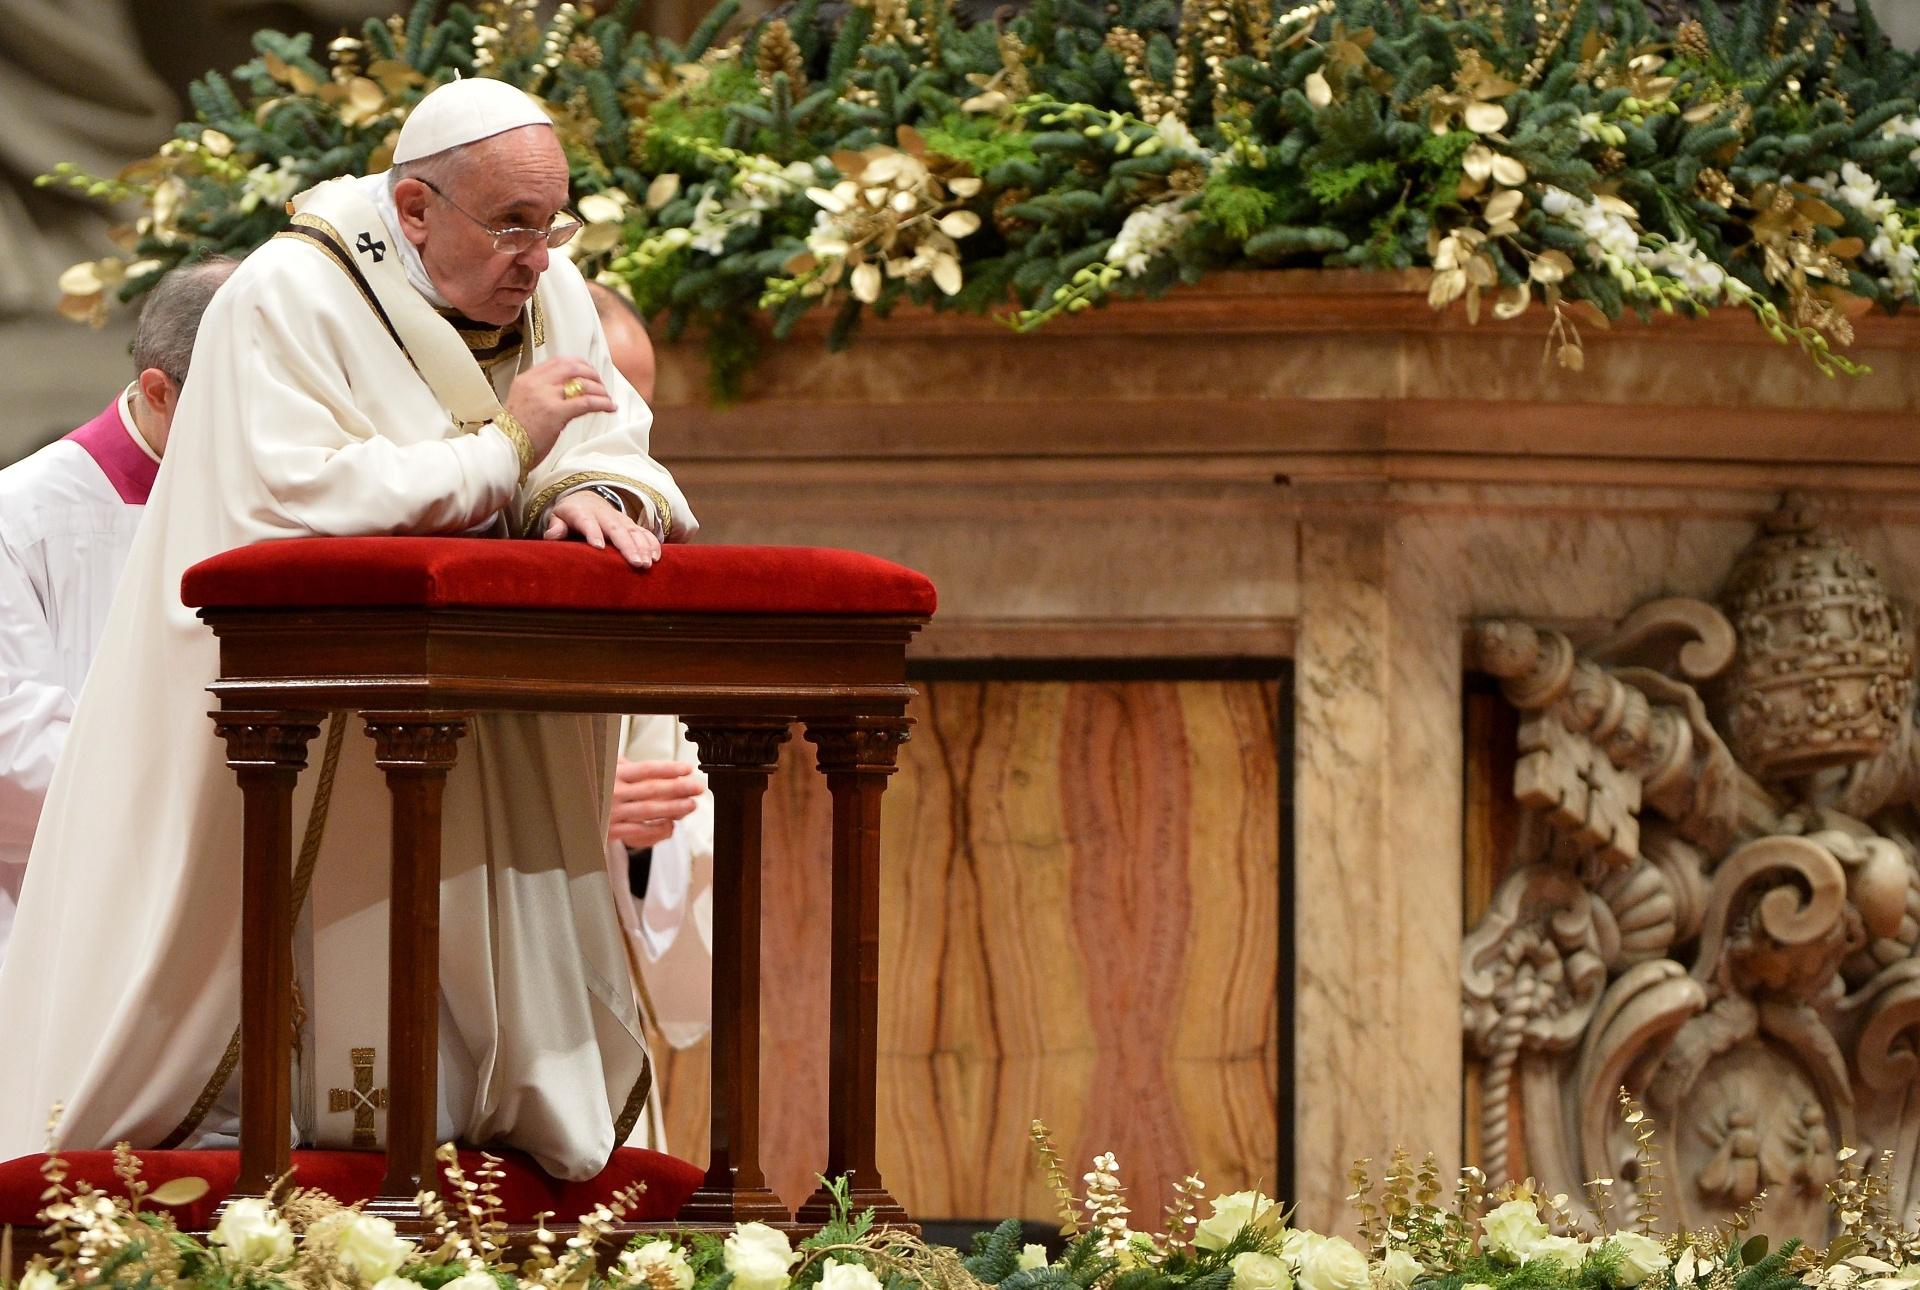 24.dez.2014 - O Papa Francisco se ajoelha para rezar durante da celebração a Missa do Galo, na Basílica de São Pedro, no Vaticano, que lembra o nascimento de Jesus Cristo